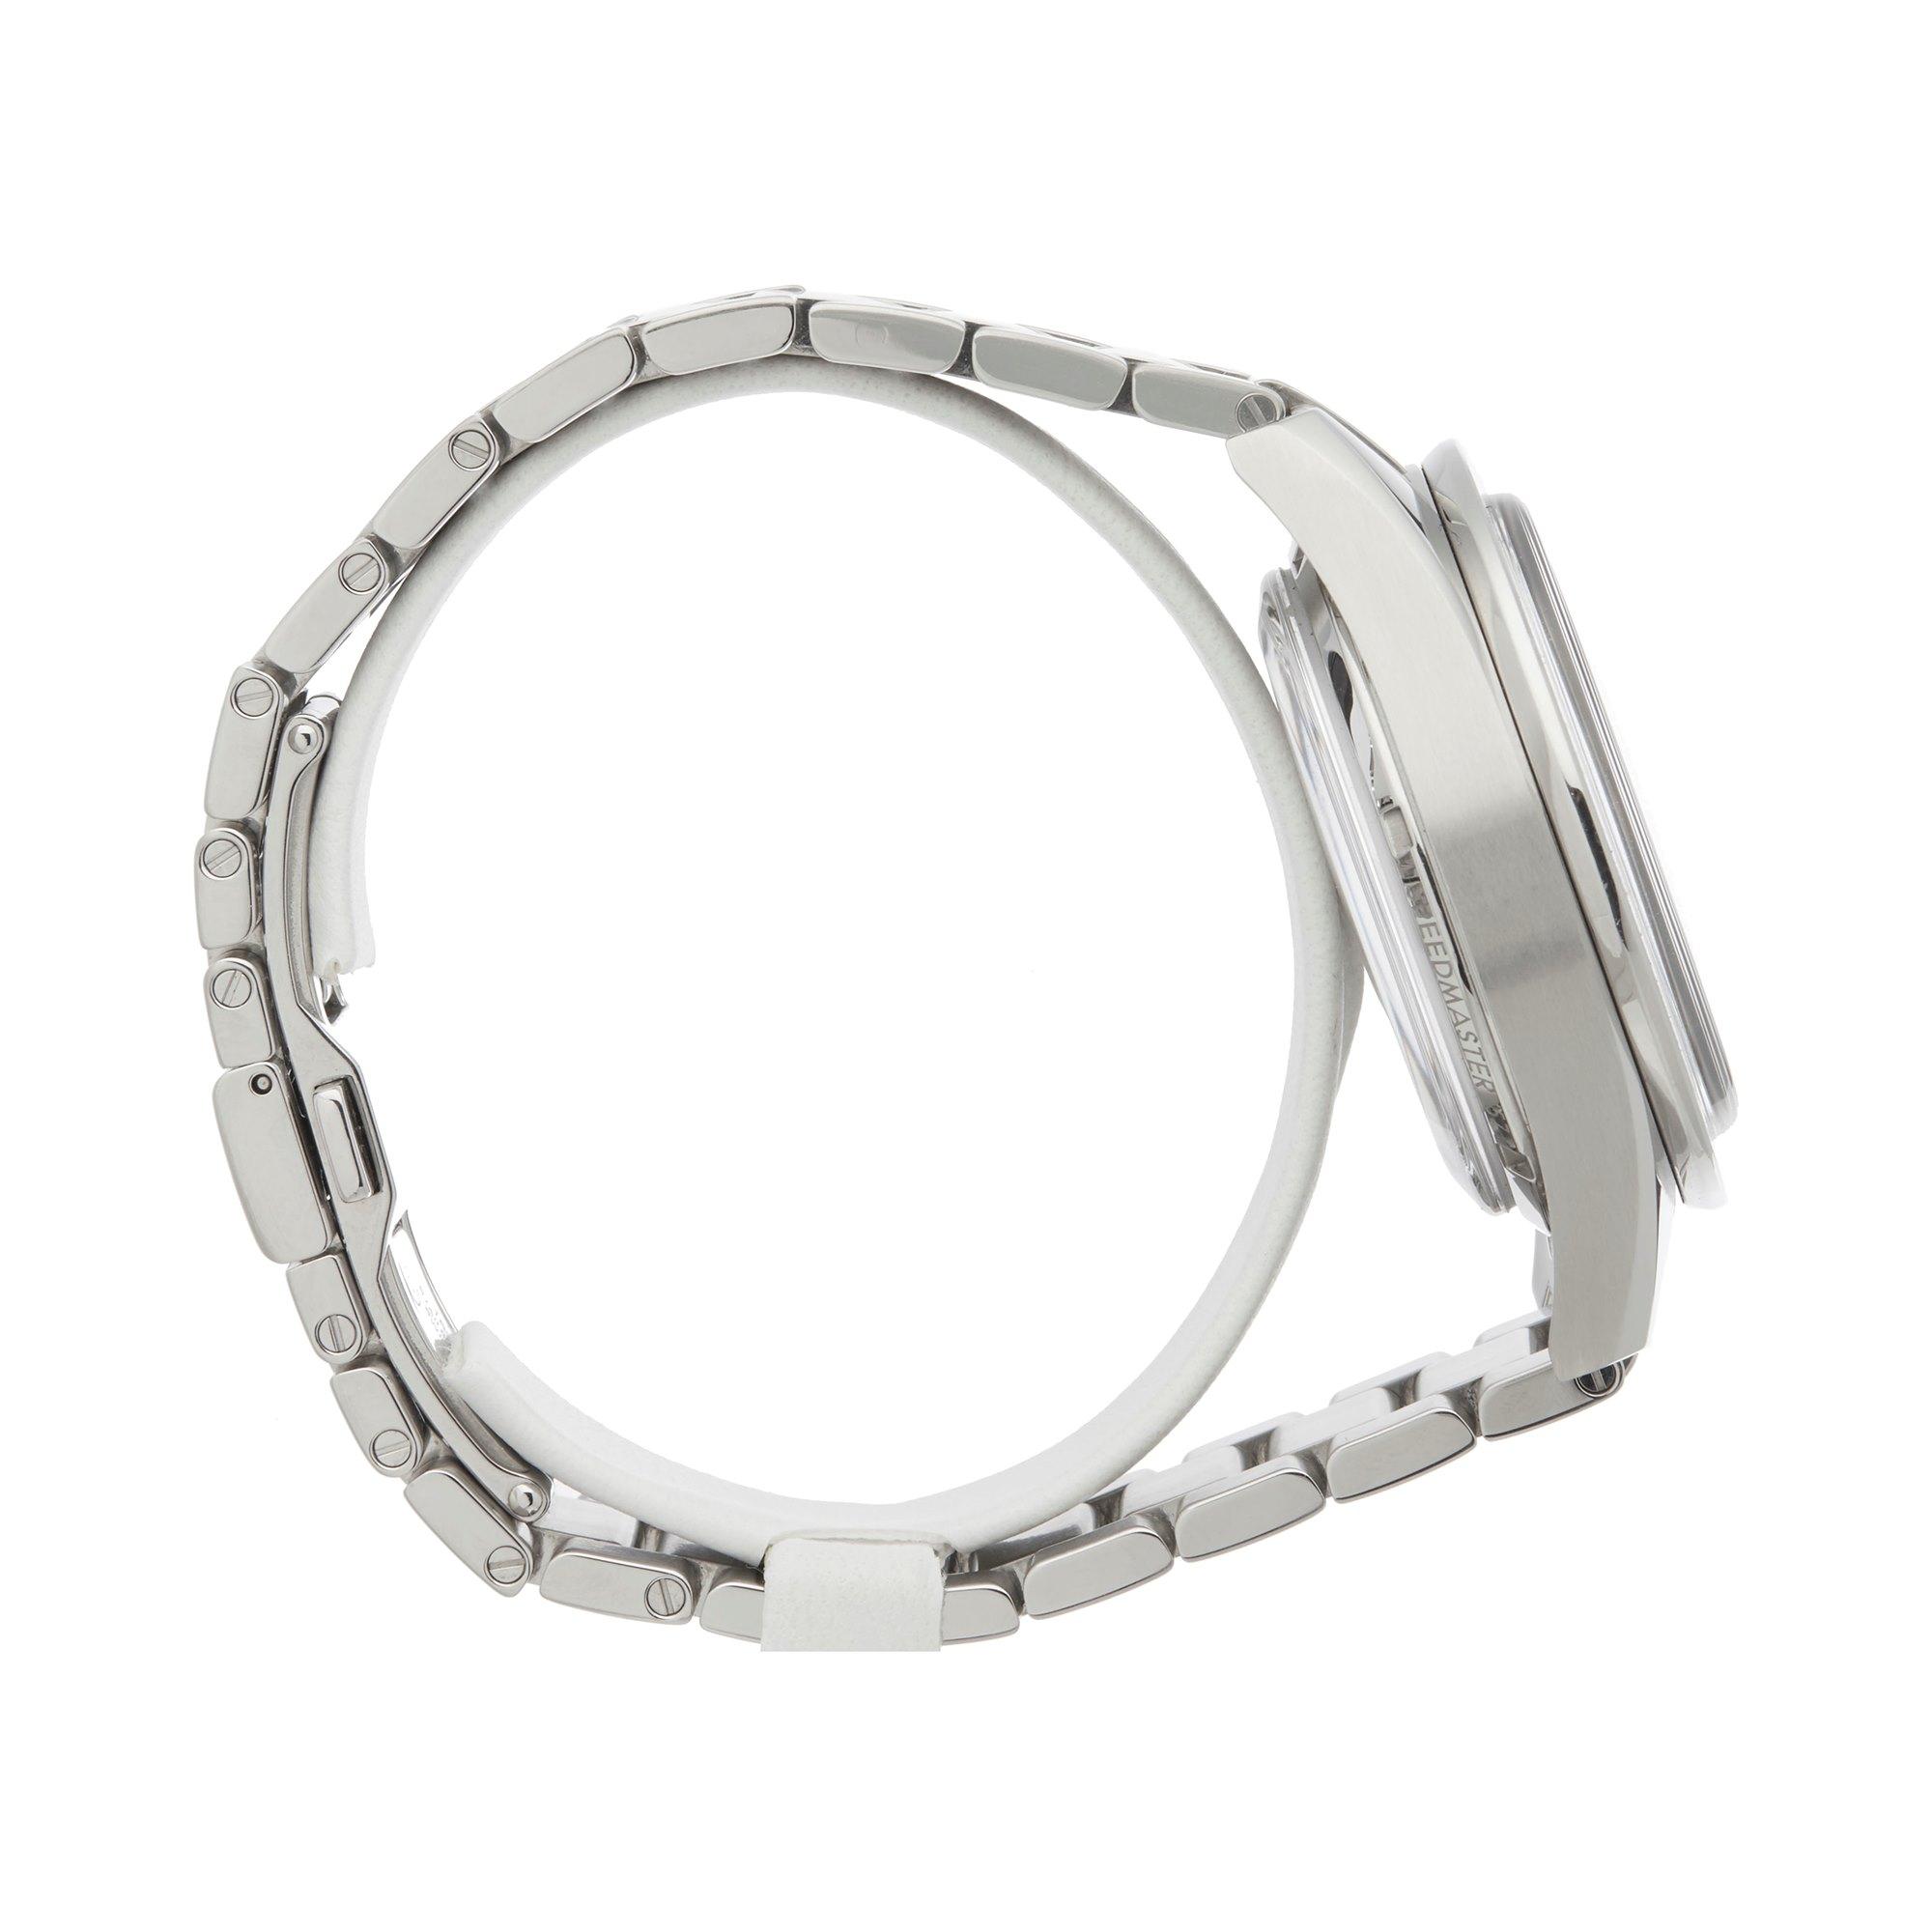 Omega Speedmaster Chronograph Stainless Steel 331.10.42.51.03.001